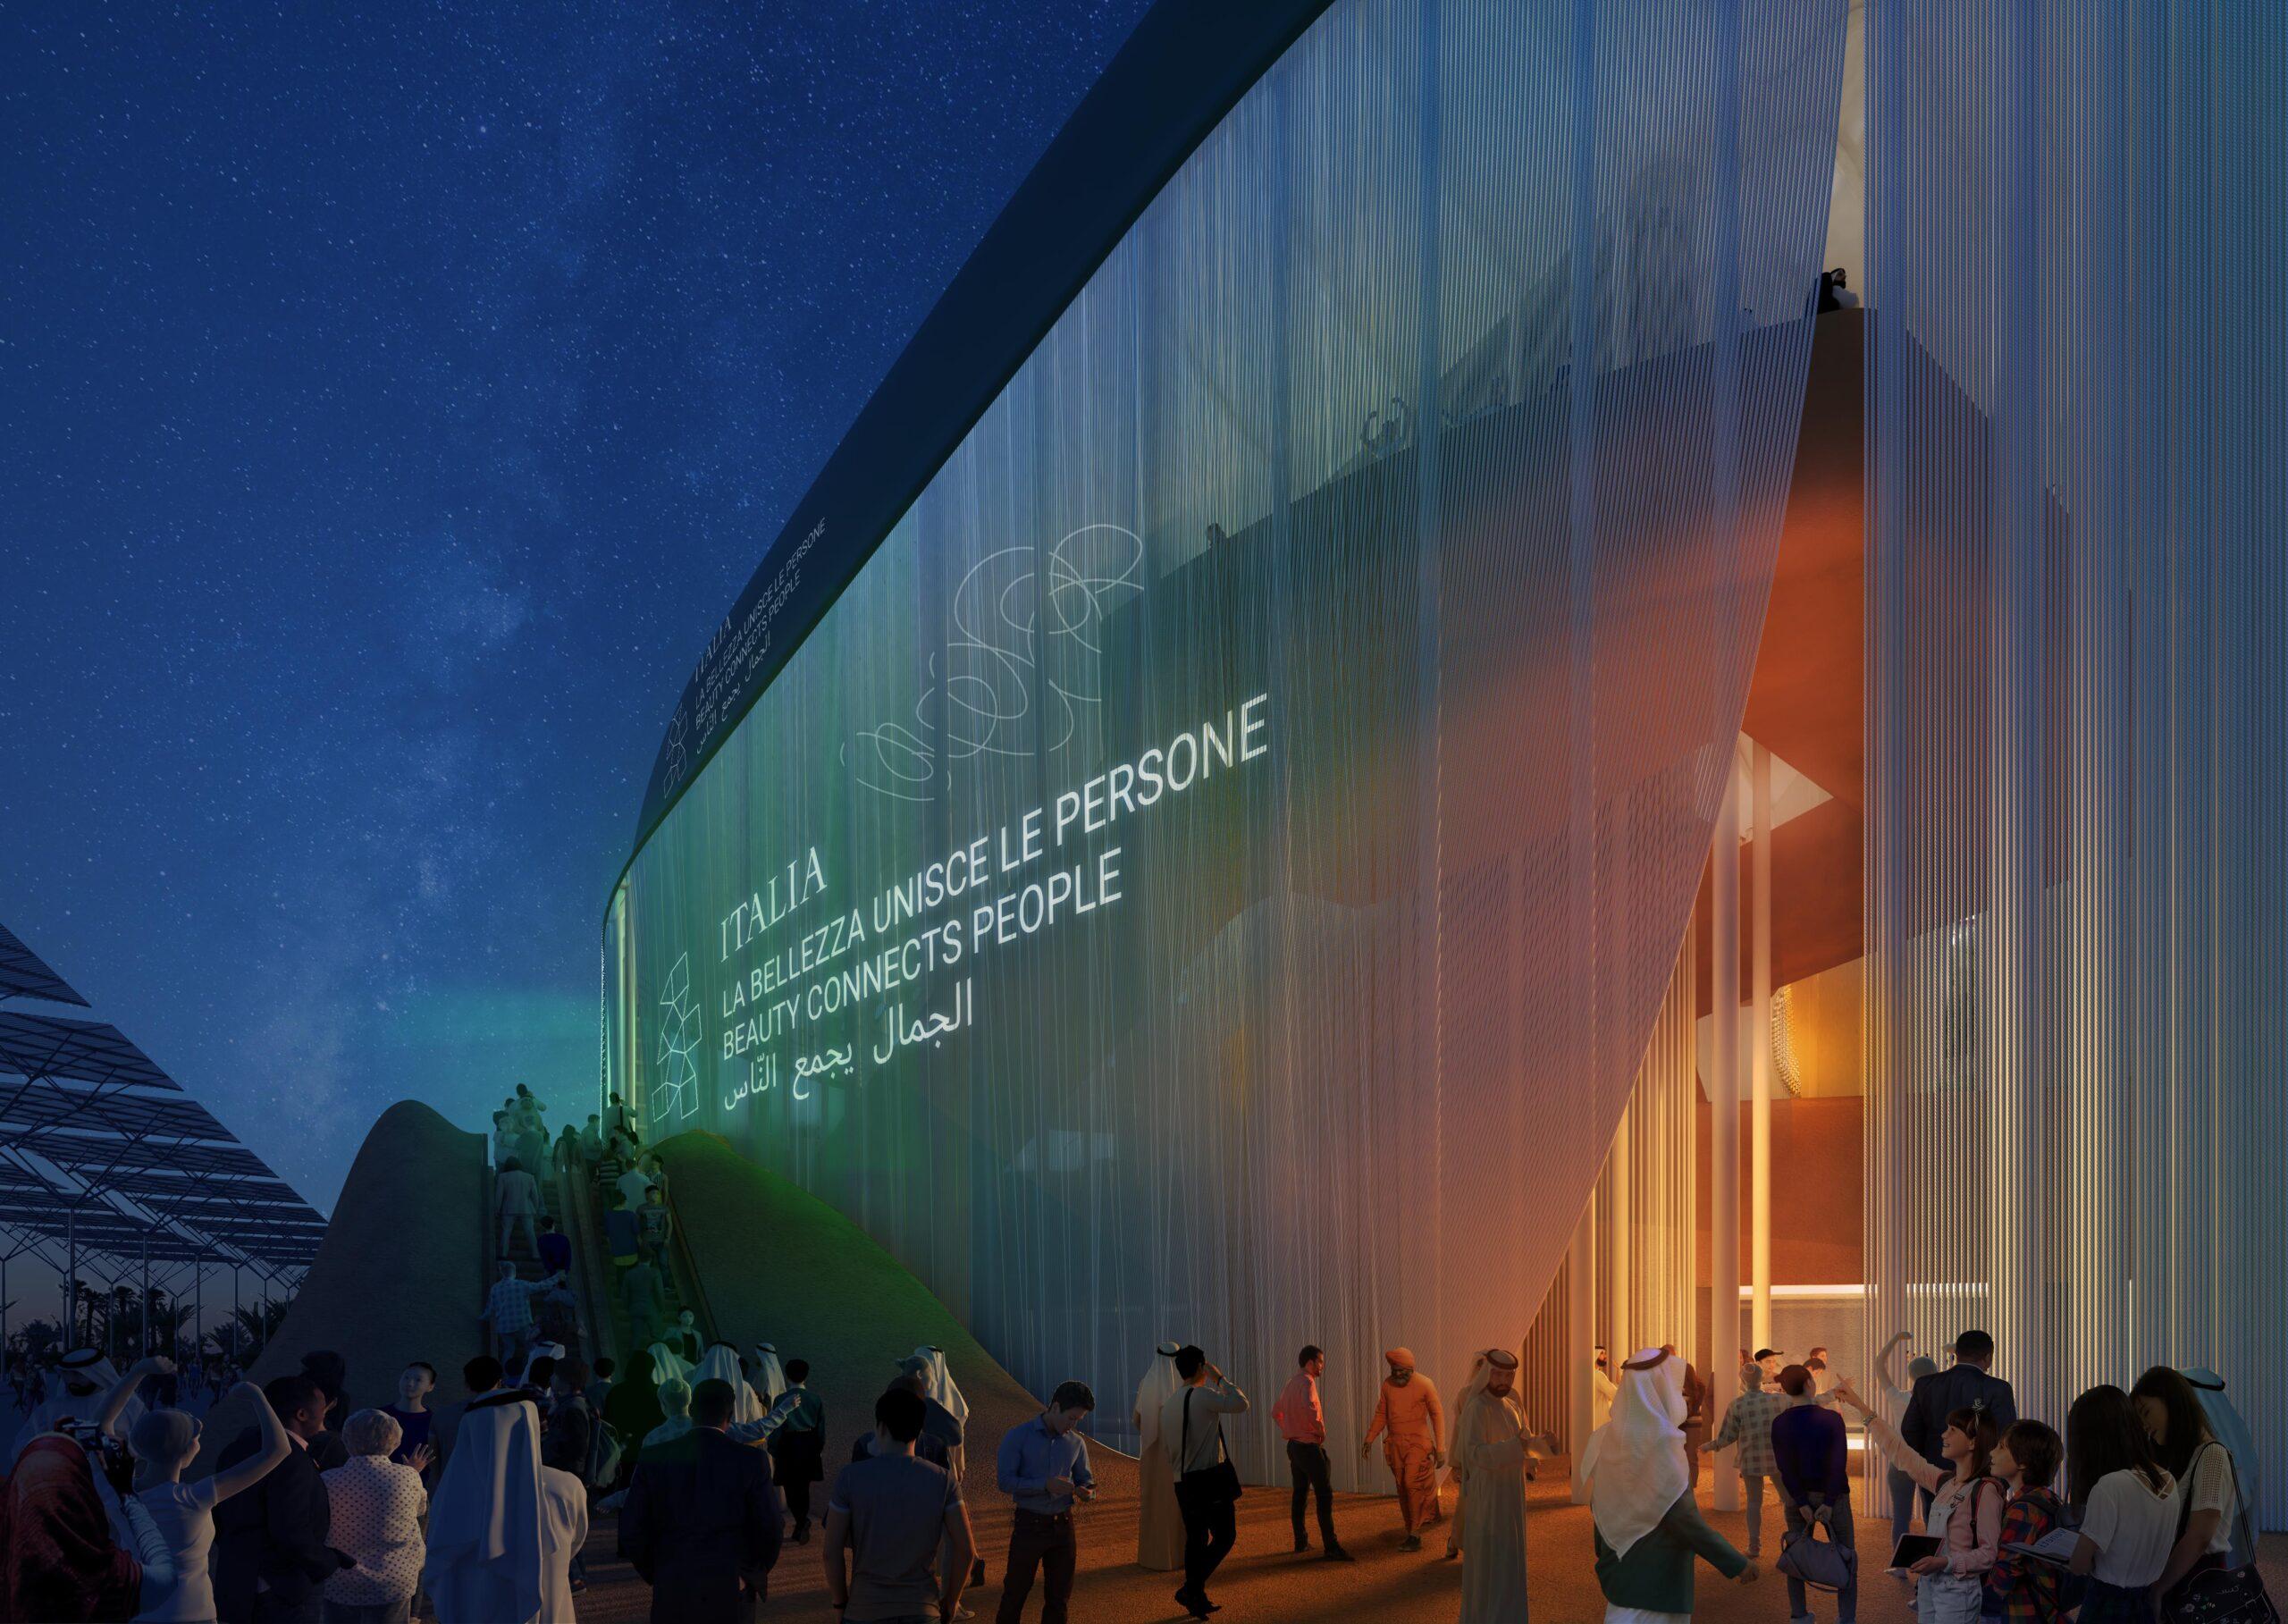 Il Padiglione Italia a Expo 2020 Dubai rendering 9 scaled